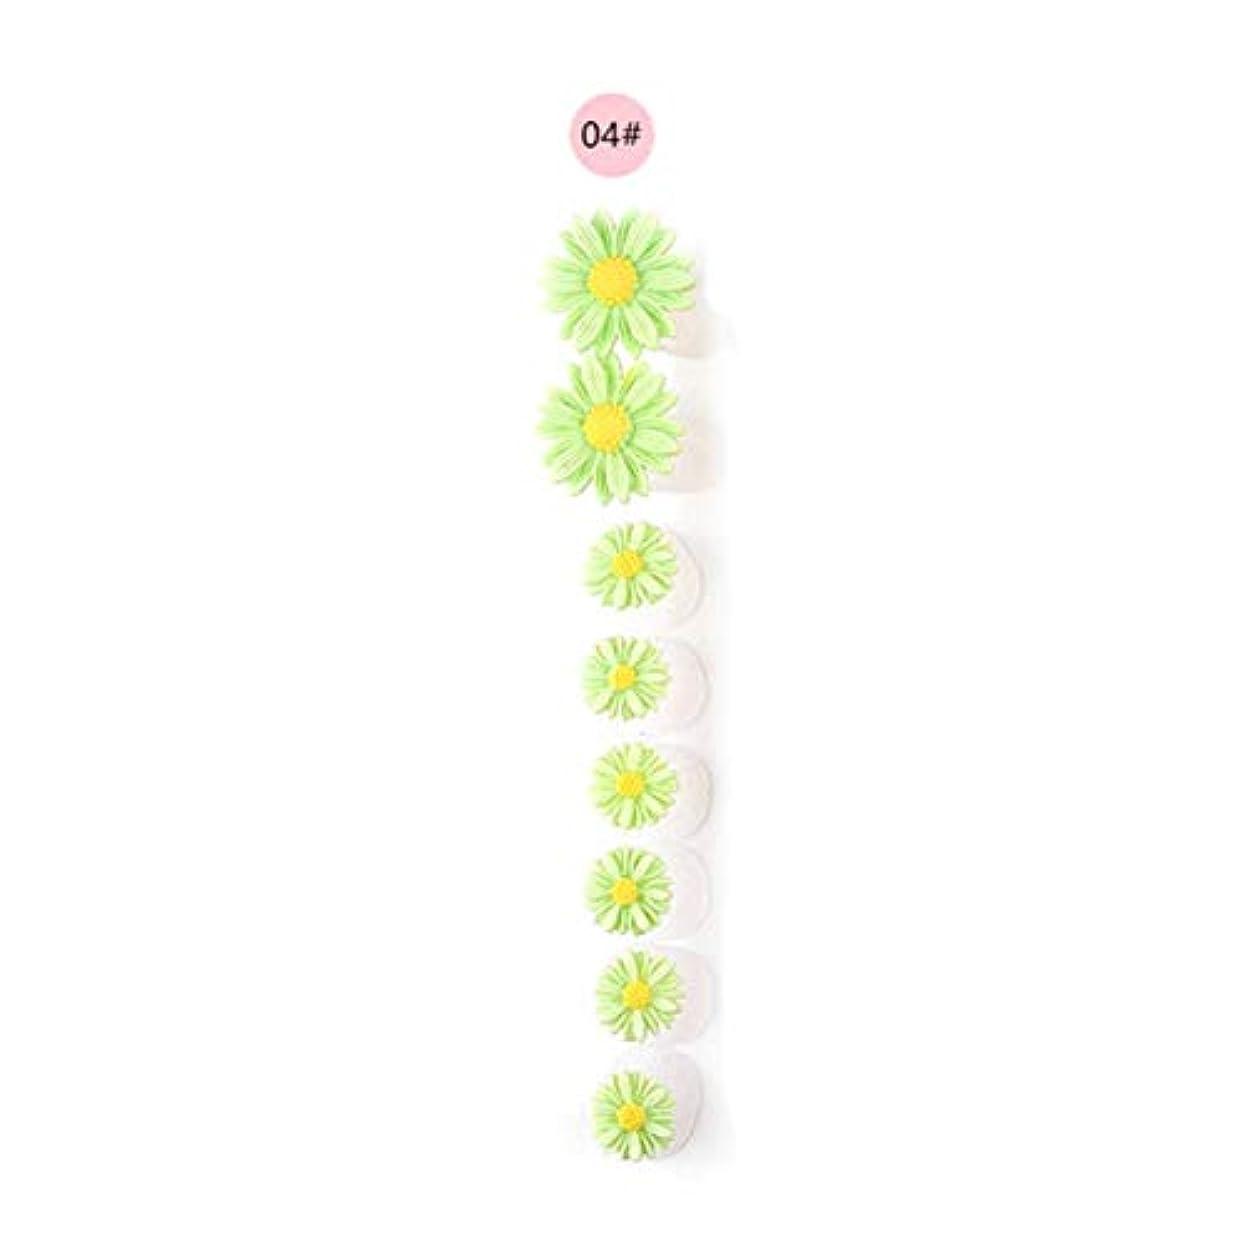 悲観主義者酸タービン8ピース/セットシリコンつま先セパレーター足つま先スペーサー花形ペディキュアDIYネイルアートツール-カラフル04#